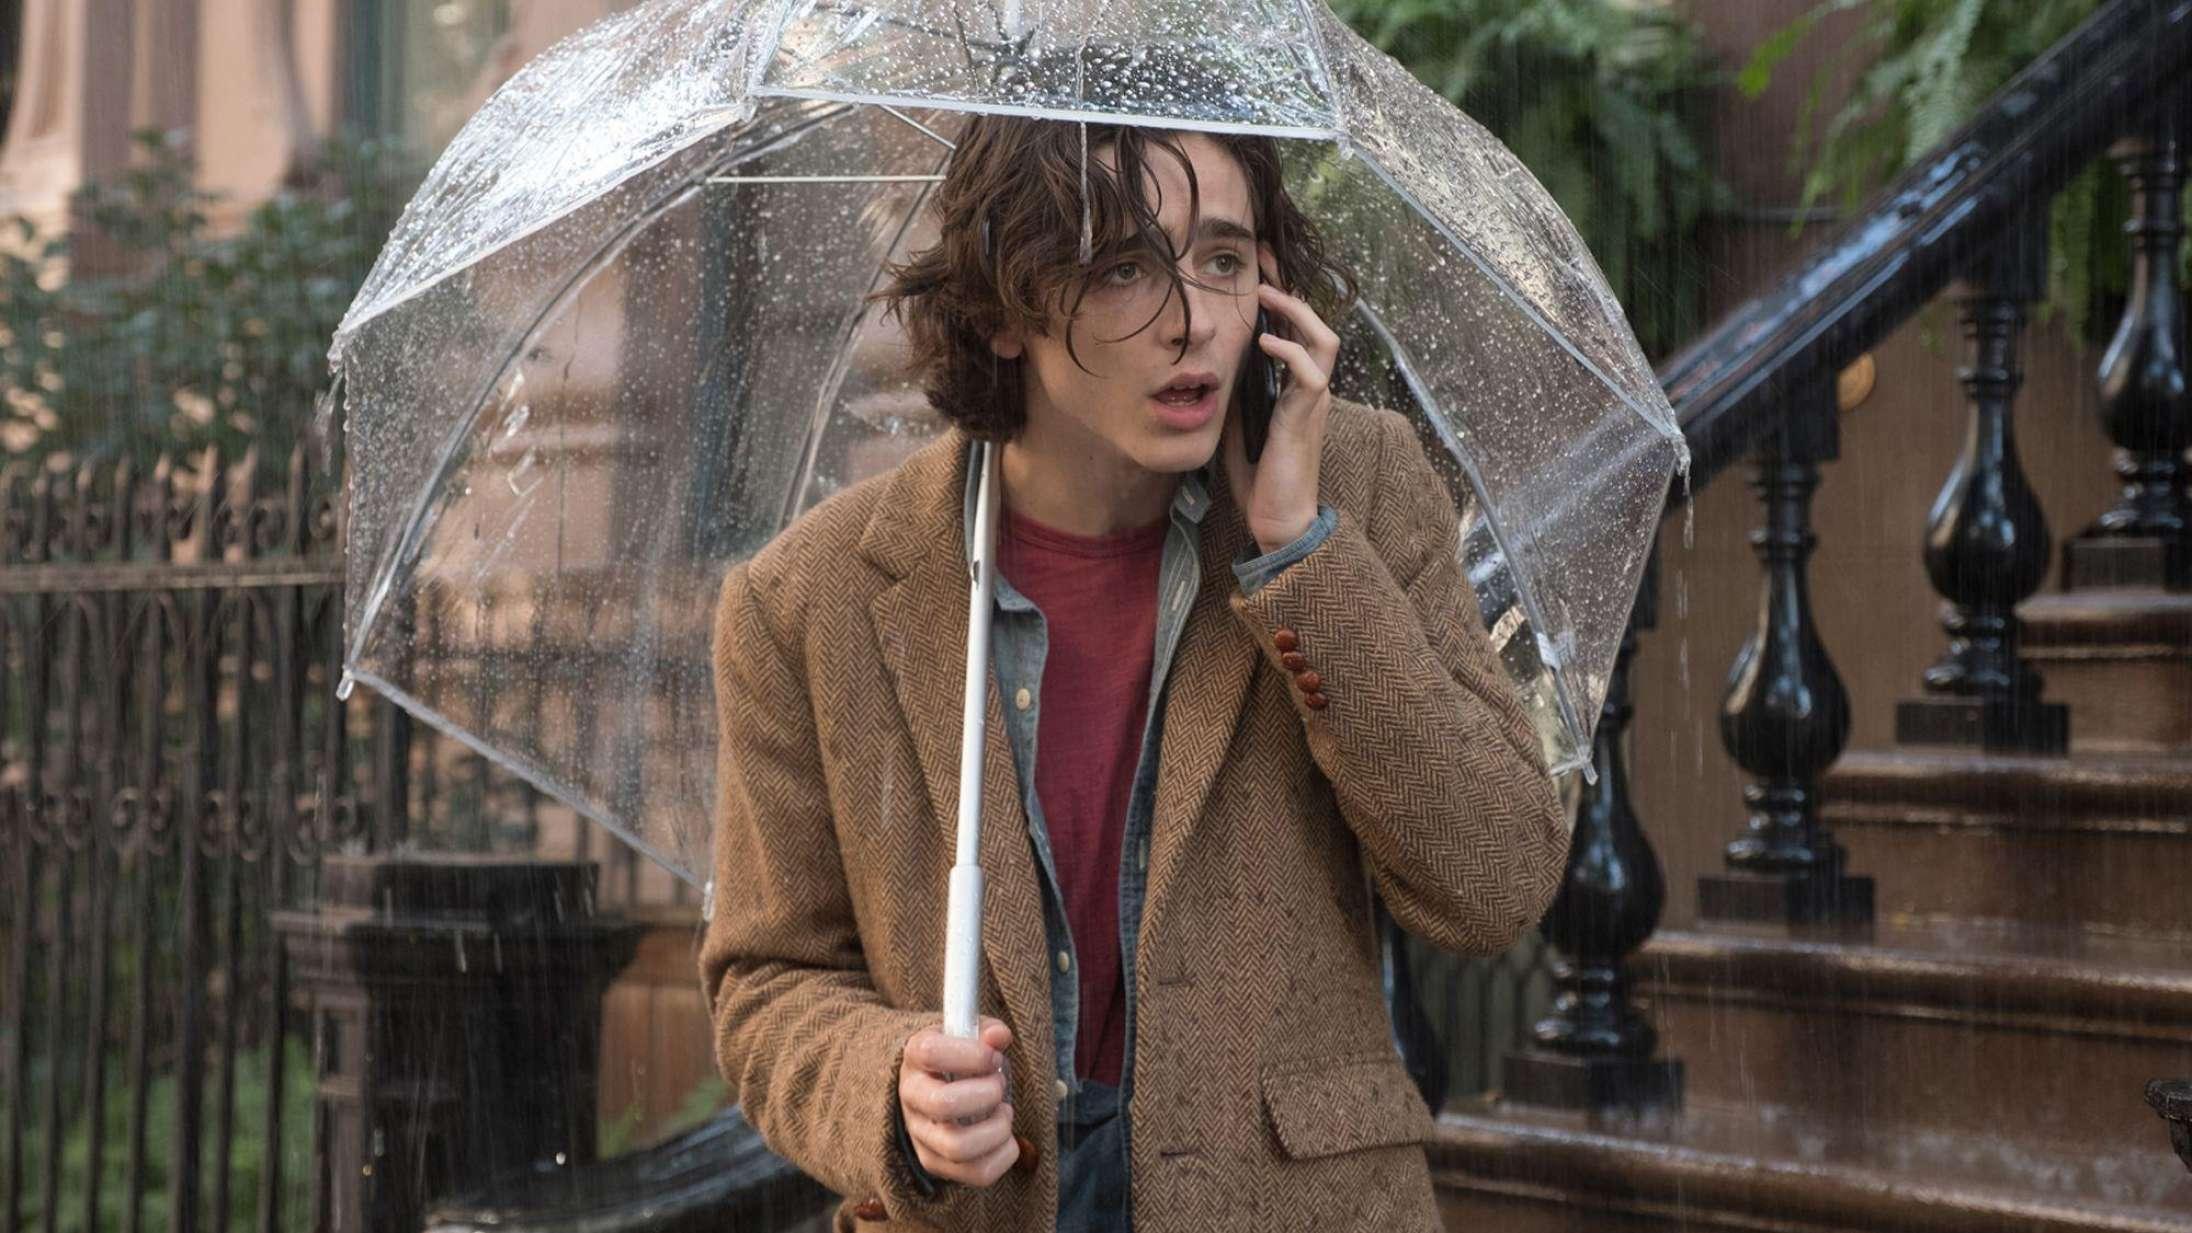 'A Rainy Day in New York': Woody Allens replikker lyder skrupforkerte i Timothée Chalamets mund